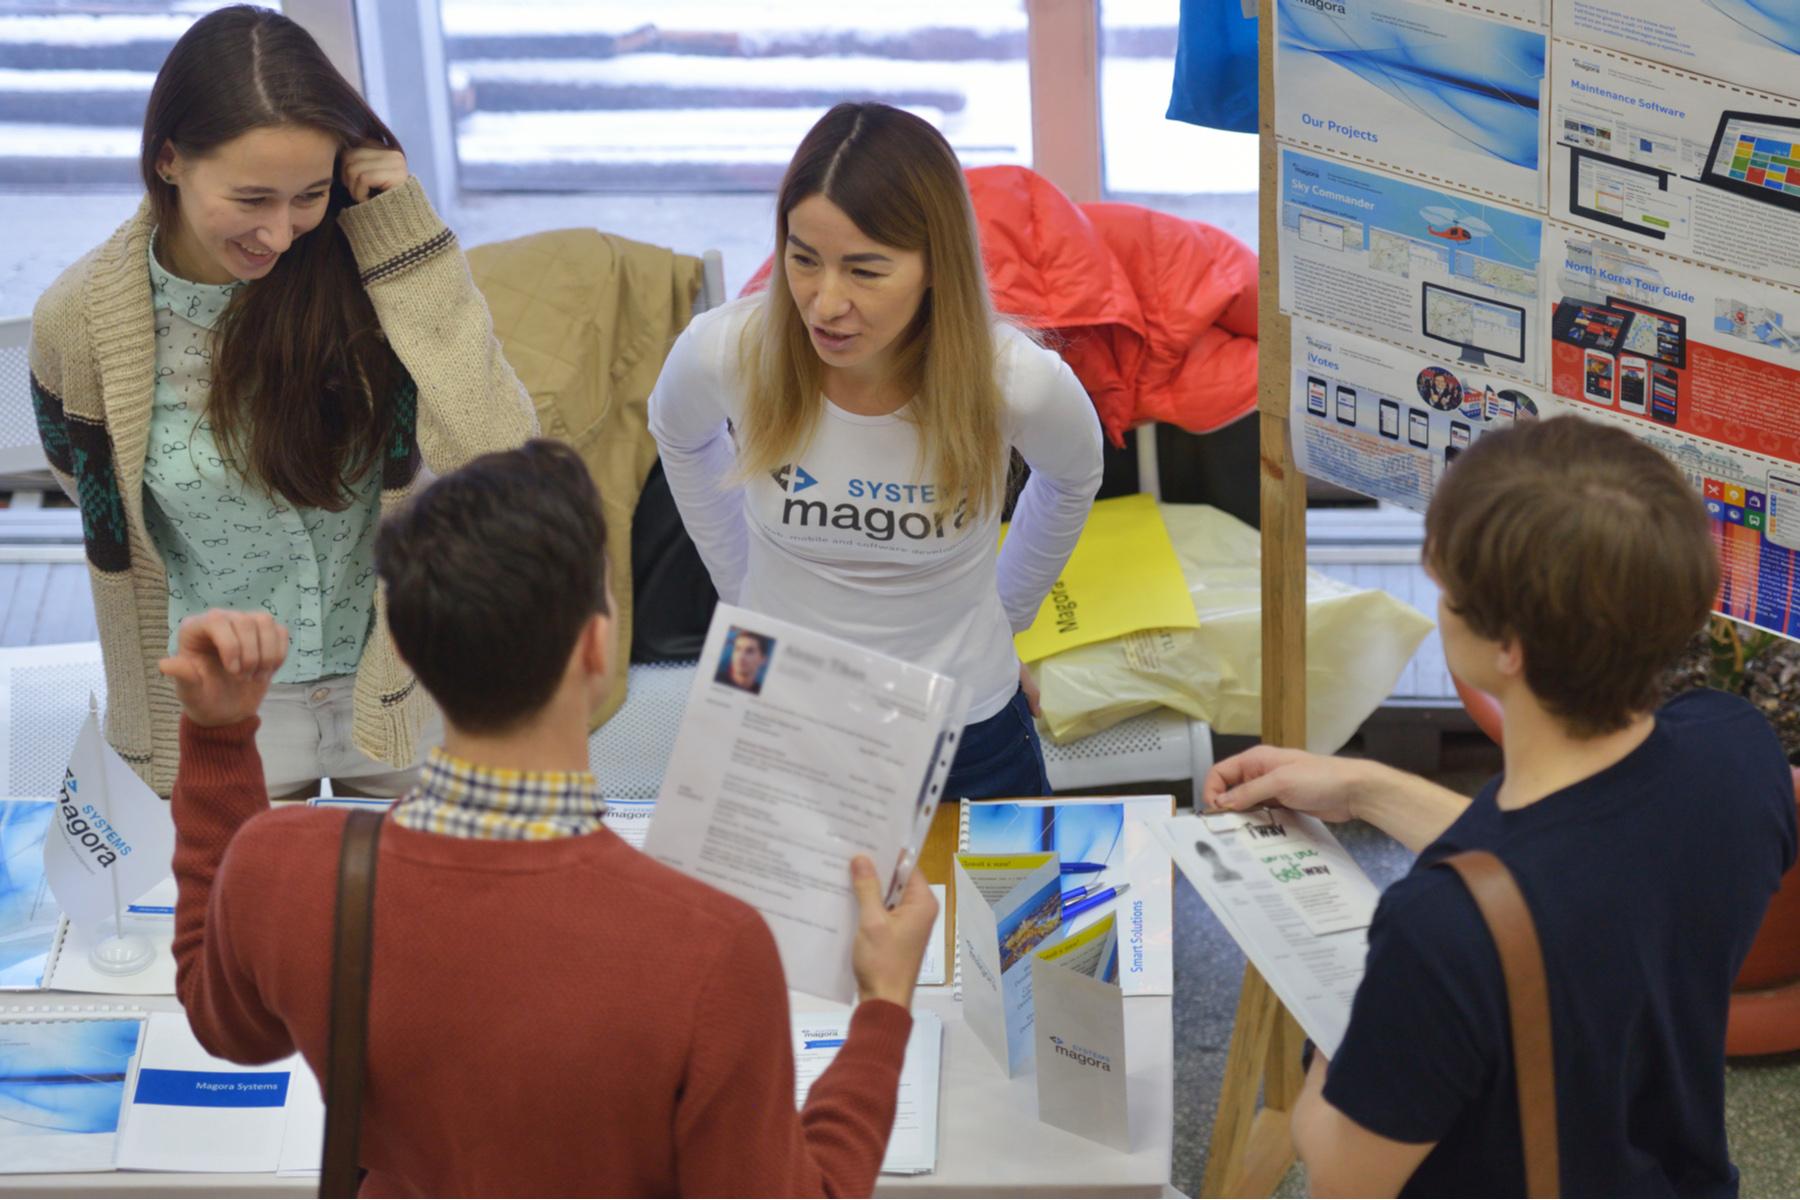 Applicants at a job fair in Russia